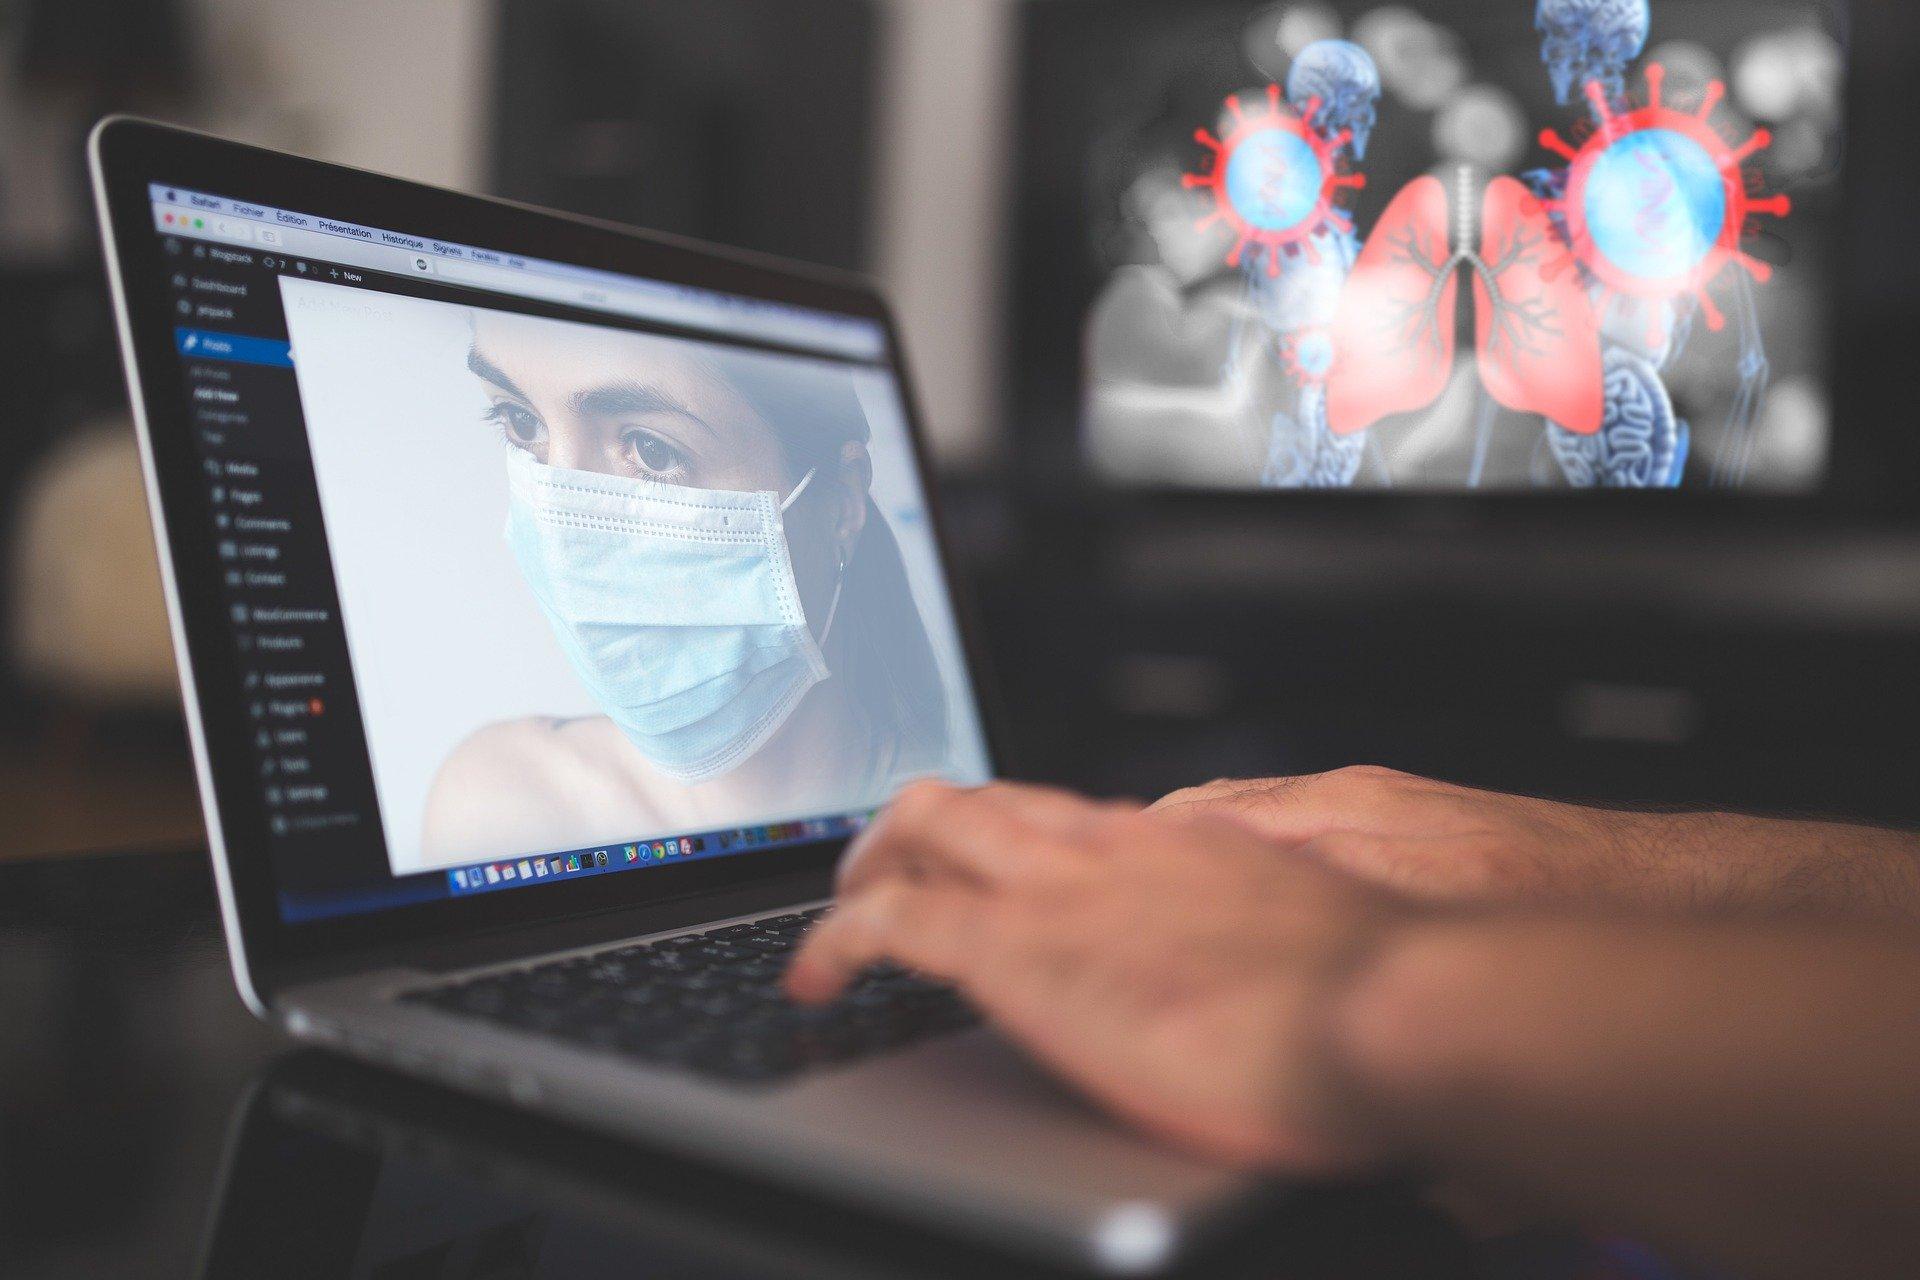 Il coronavirus «gela» il mercato – Siderurgici in attesa dell'evoluzione della situazione. Ma i prezzi per ora reggono